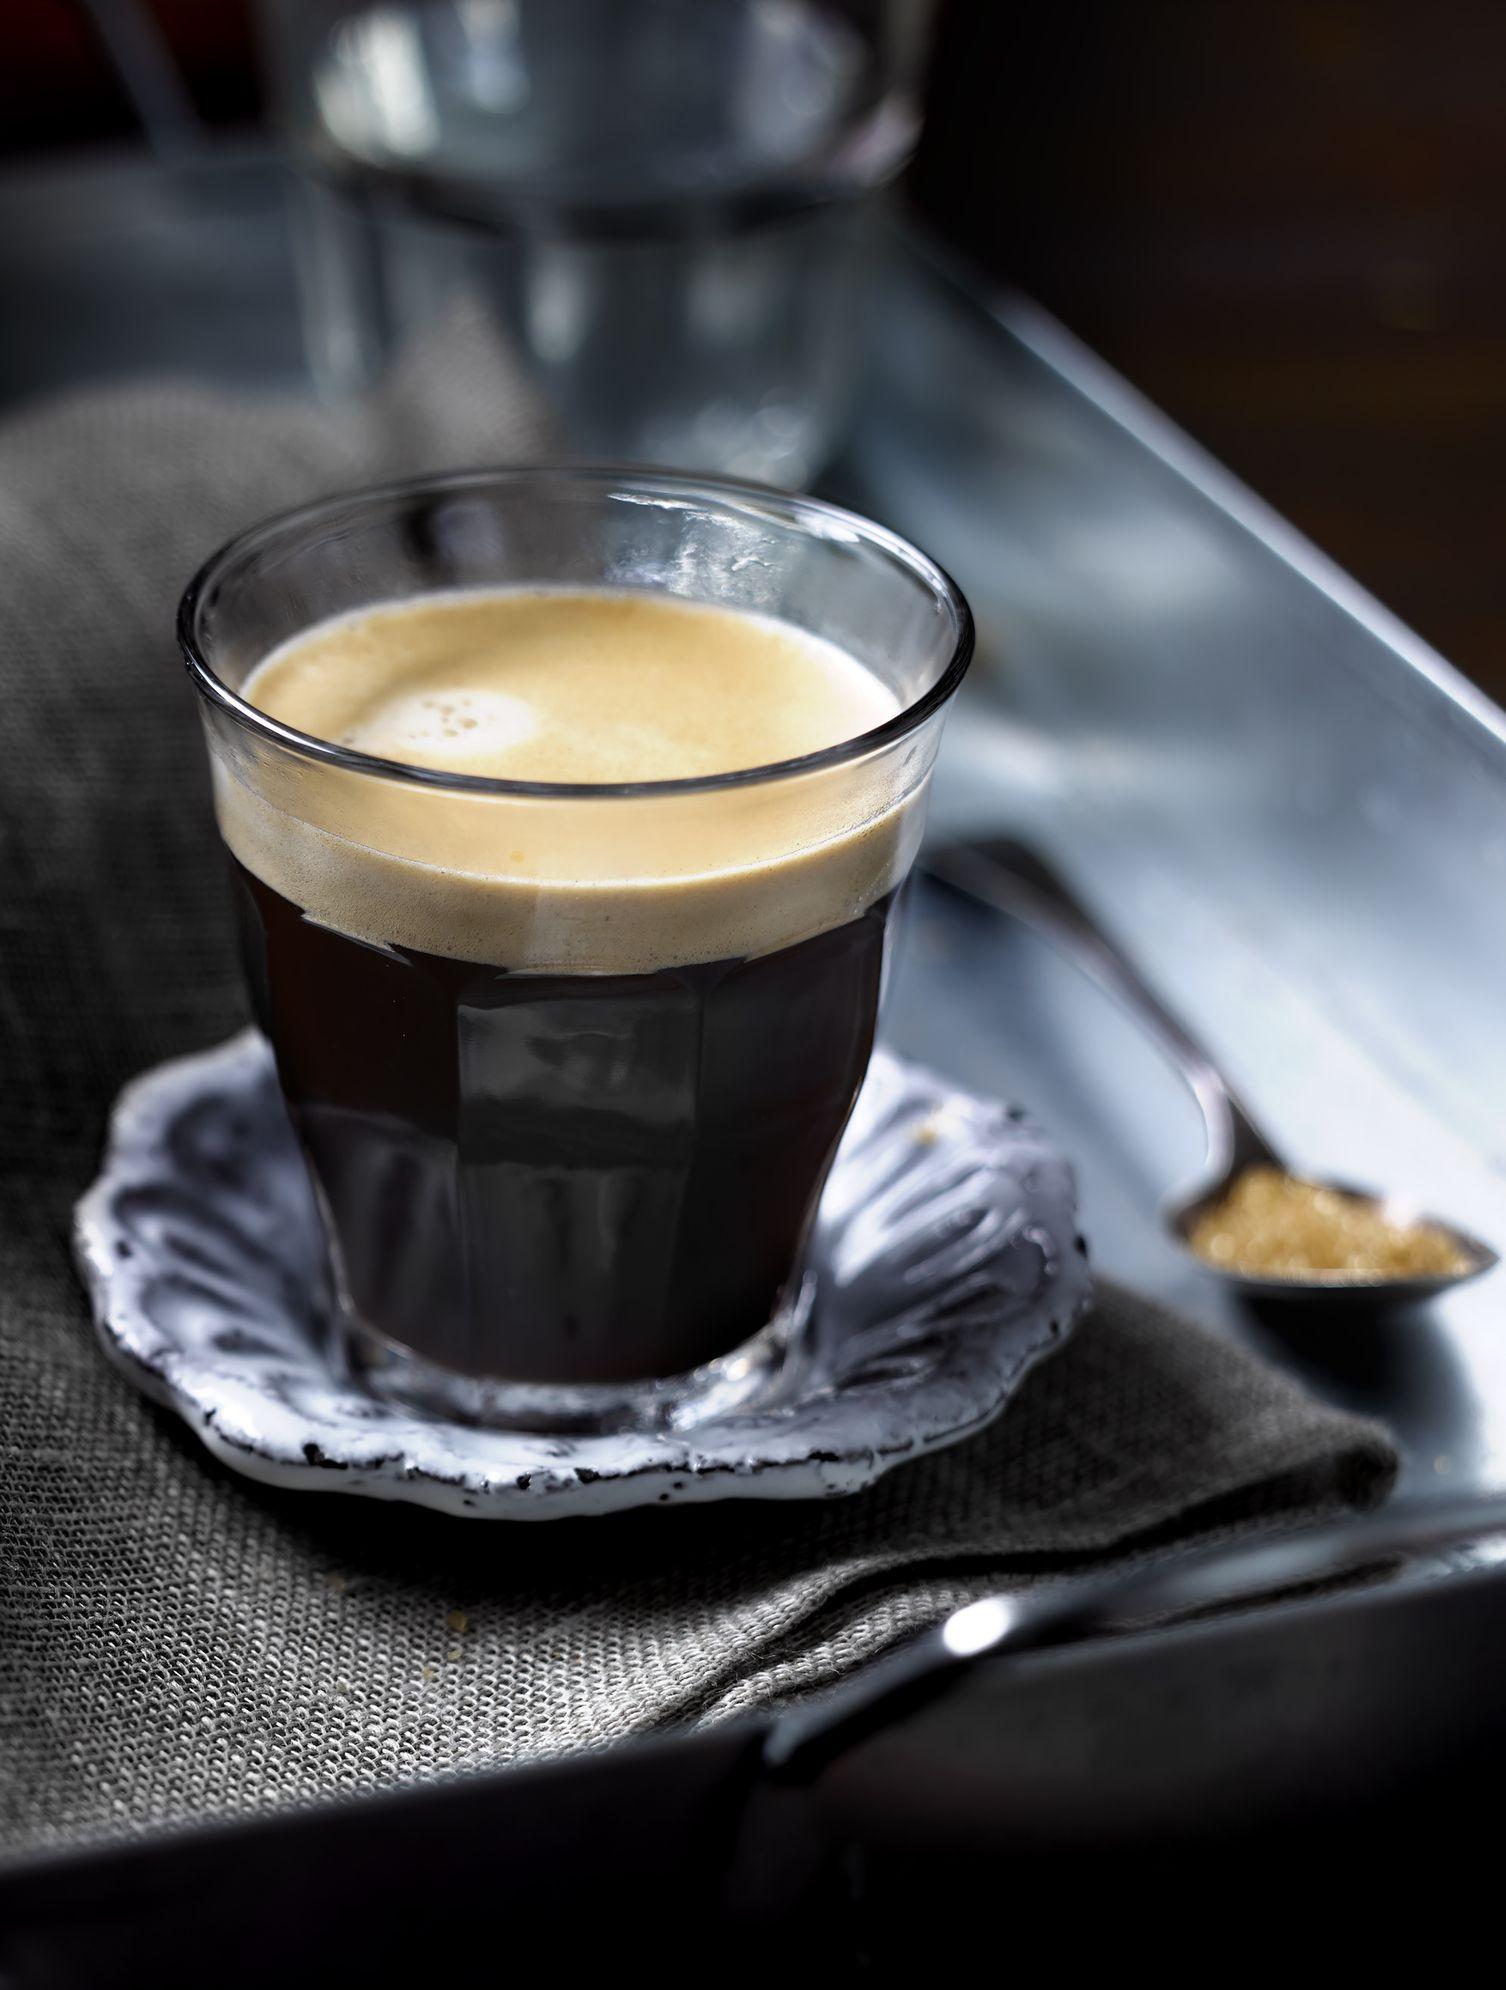 Margot Henderson's black velvet cocktail